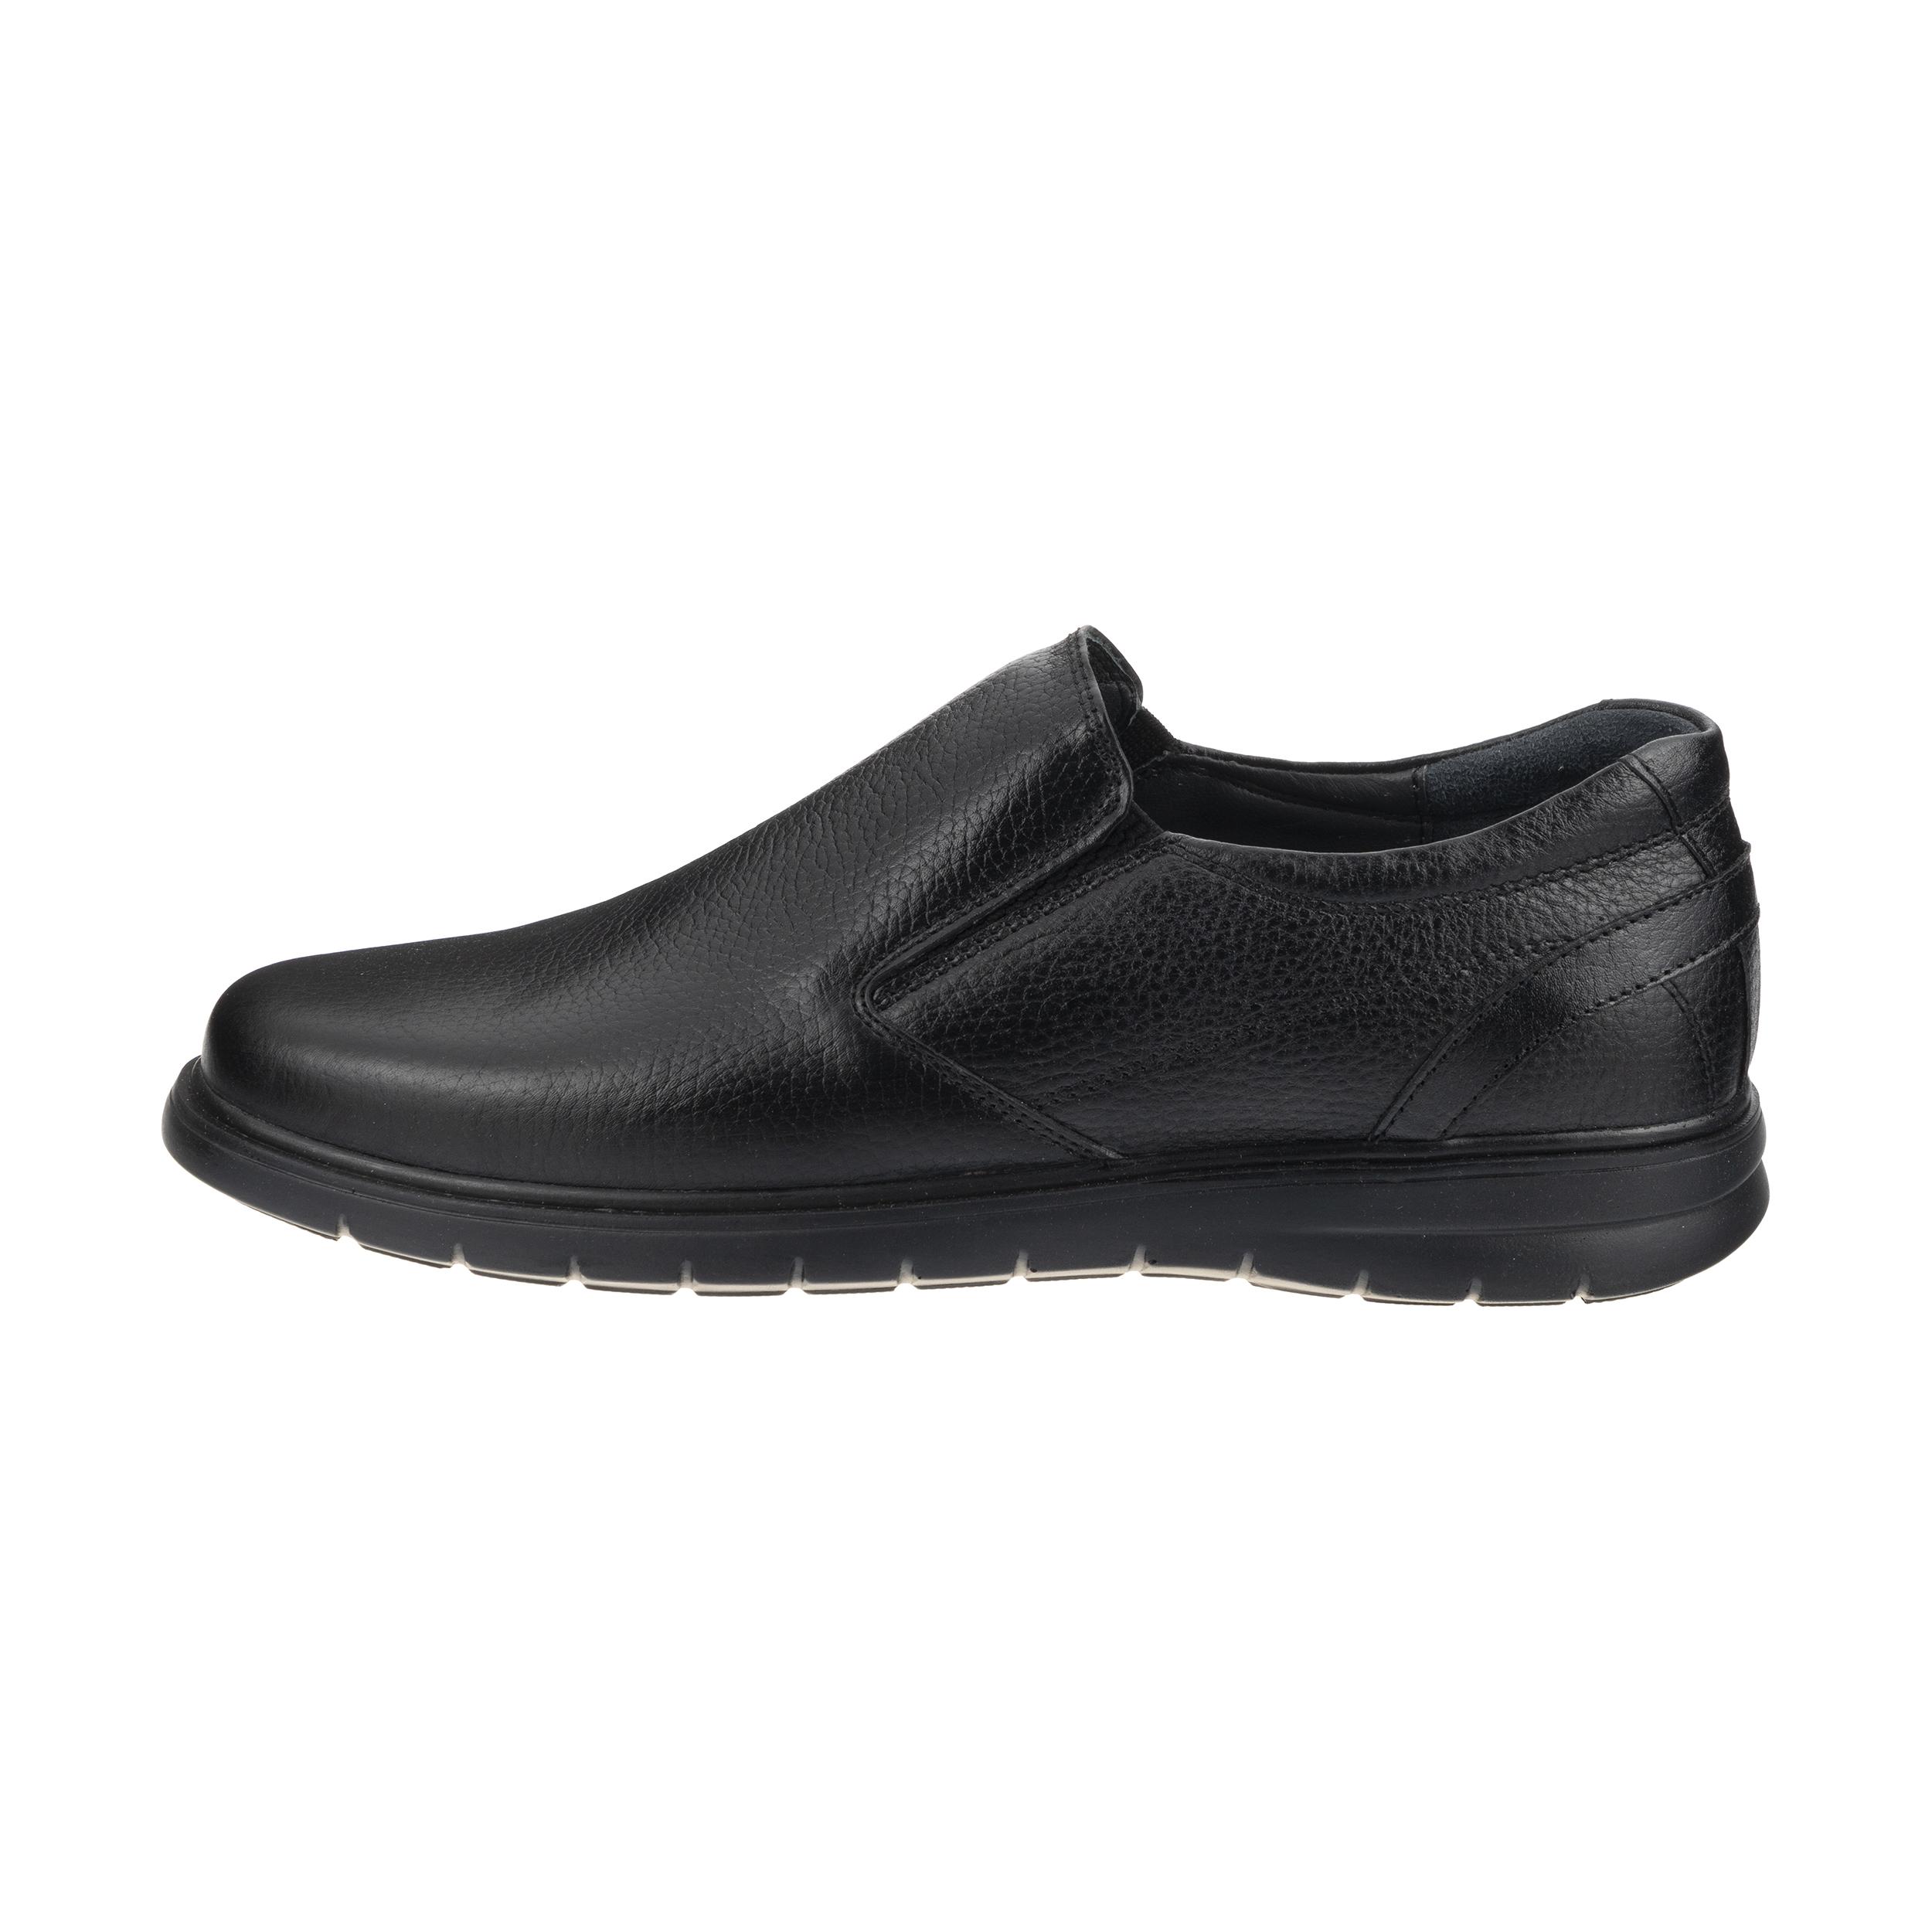 کفش روزمره مردانه بلوط مدل 7234A503101